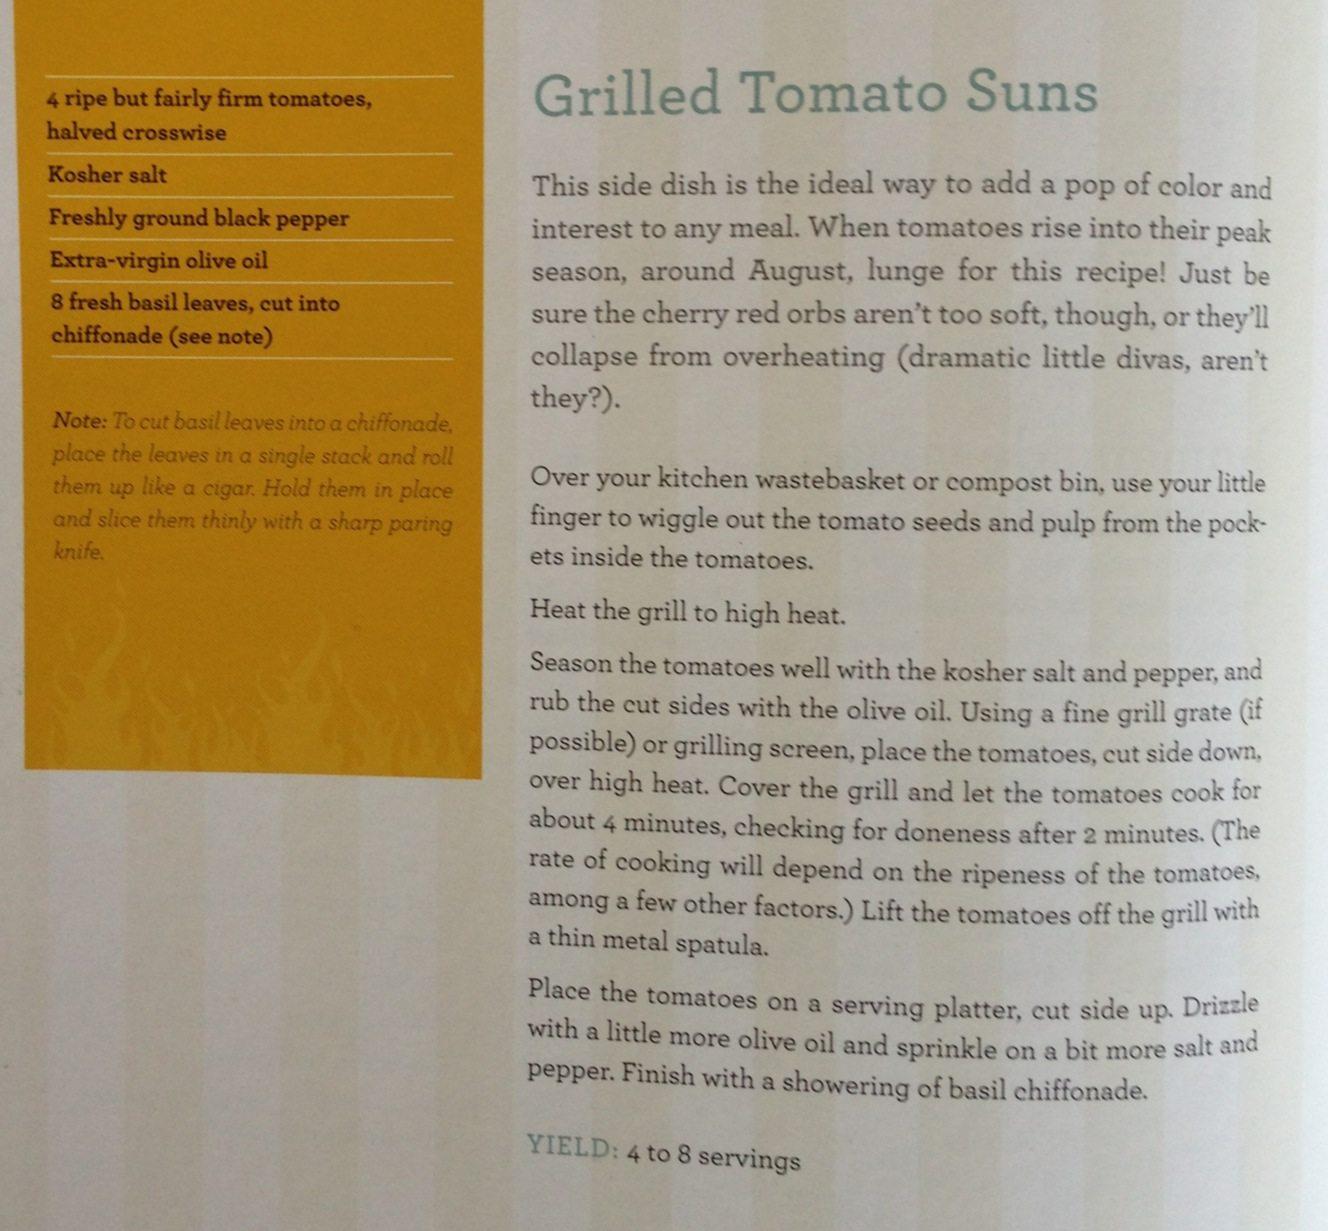 Grilled Tomato Sun Recipe